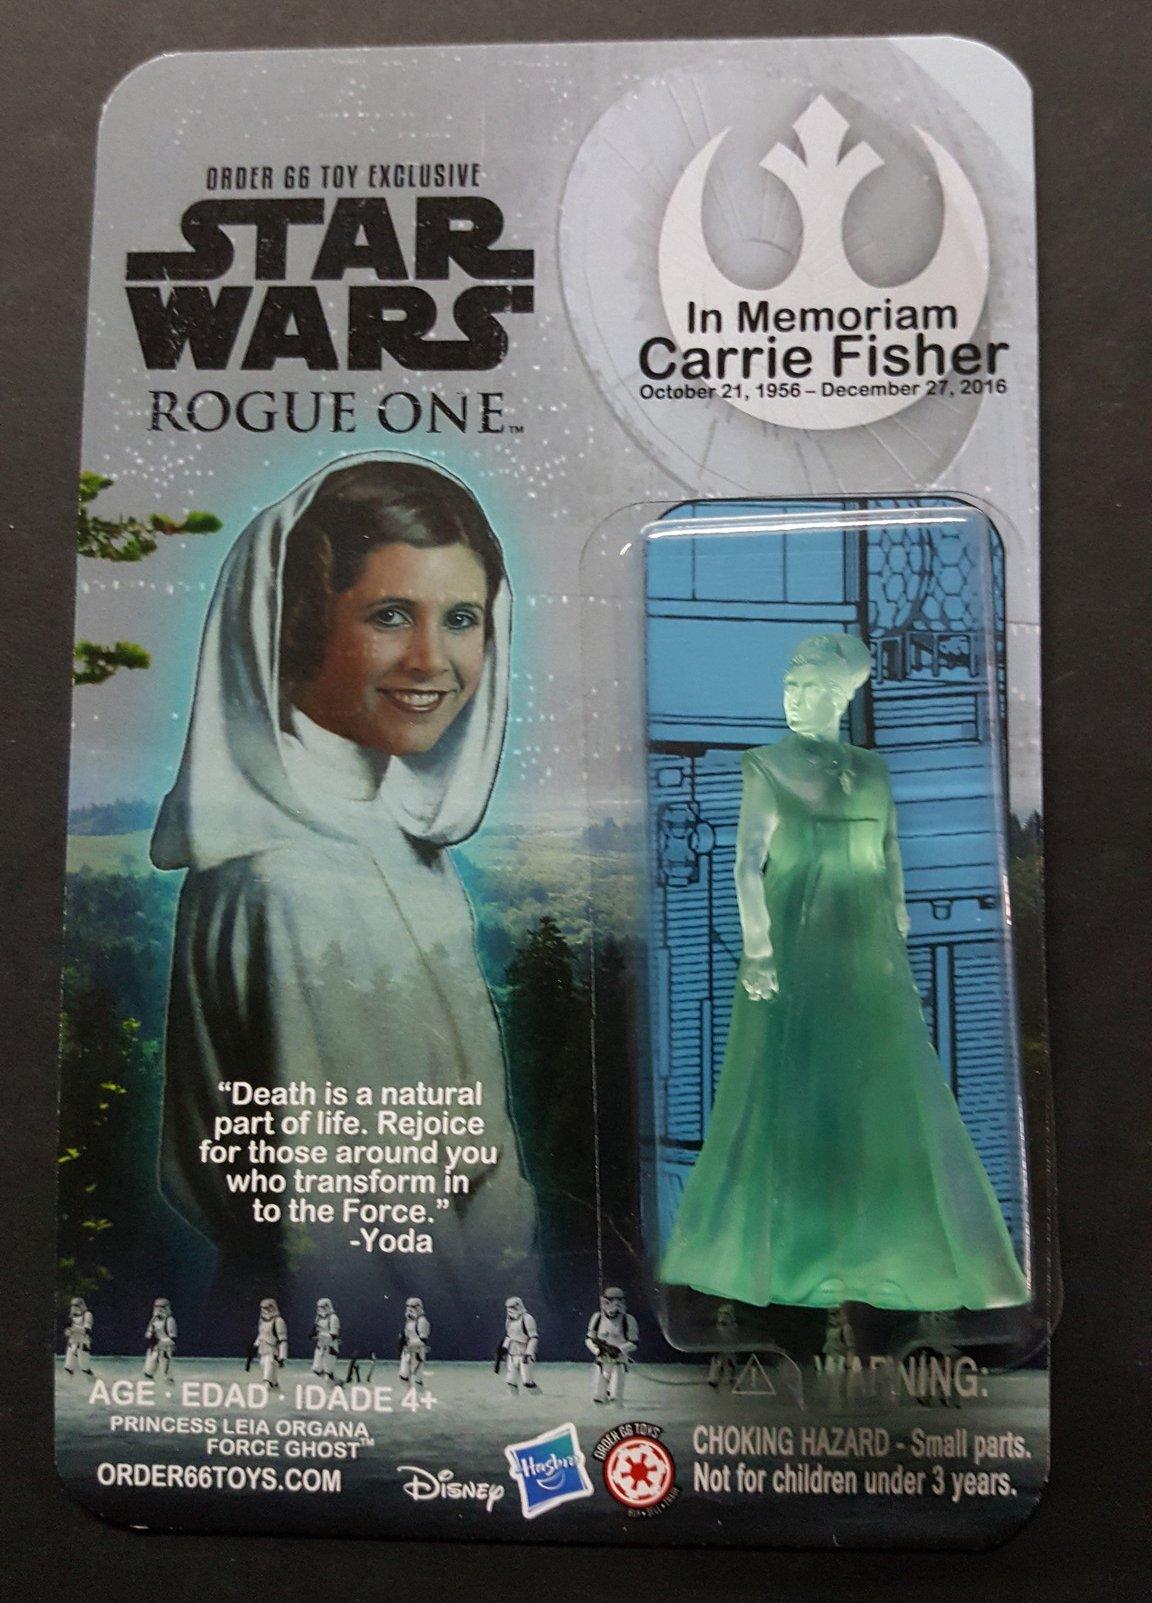 Новости Звездных Войн (Star Wars news): Игрушка памяти Кэрри Фишер